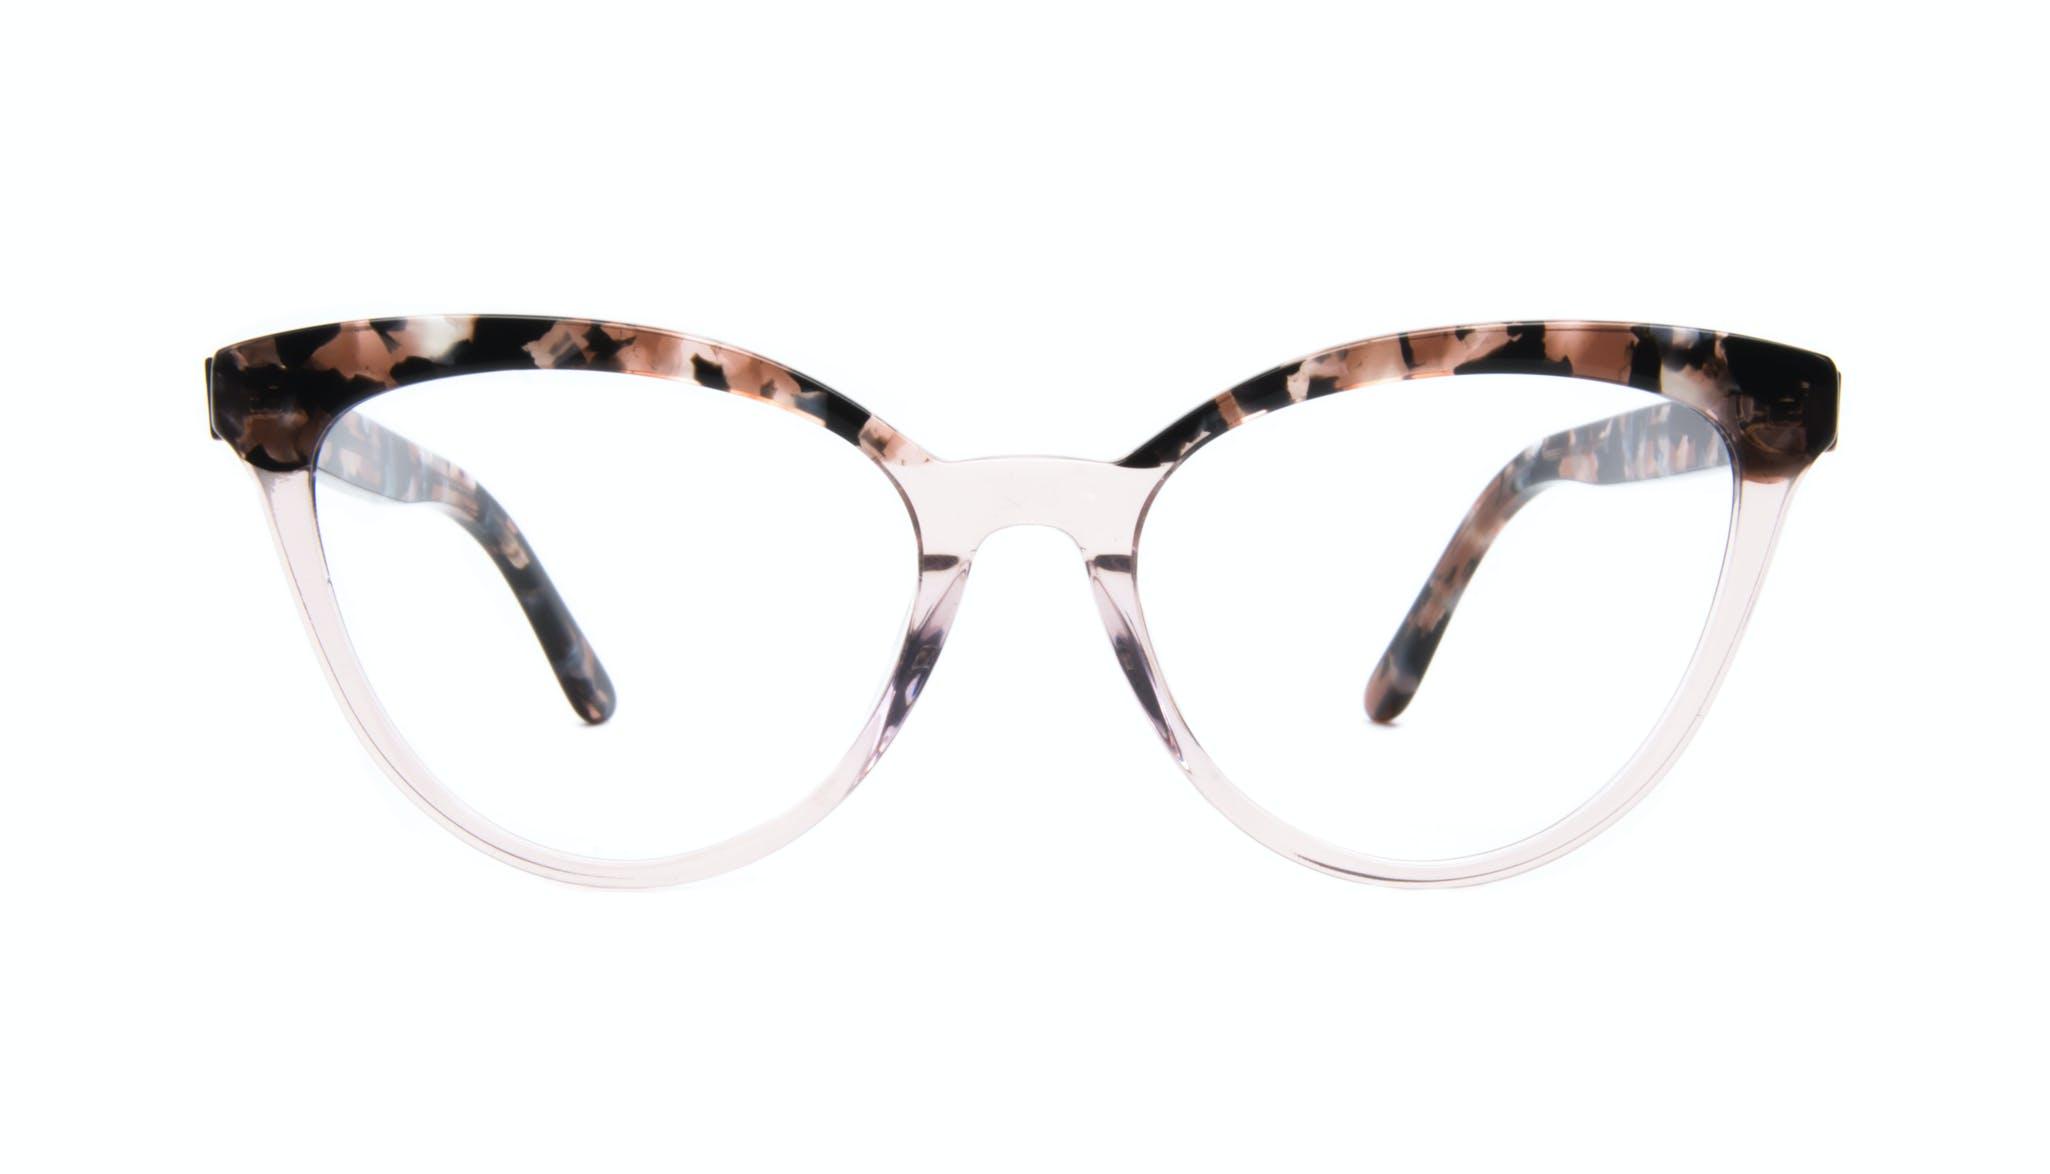 Lunettes tendance Oeil de chat Daring Cateye Lunettes de vue Femmes Reverie Rose Tort